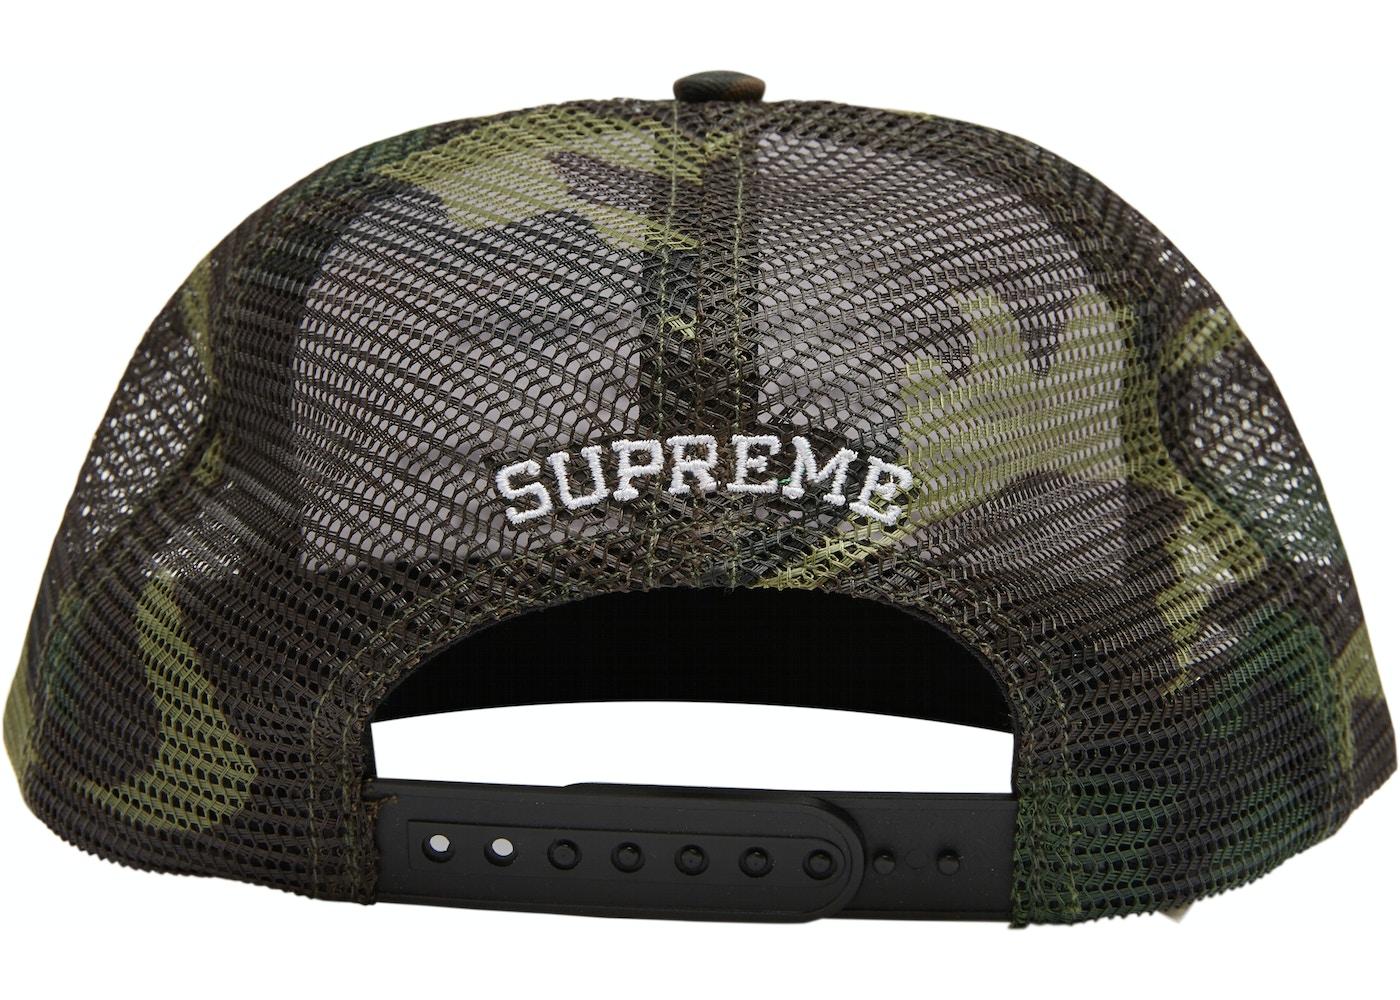 679a4d64 Supreme Headwear - Buy & Sell Streetwear